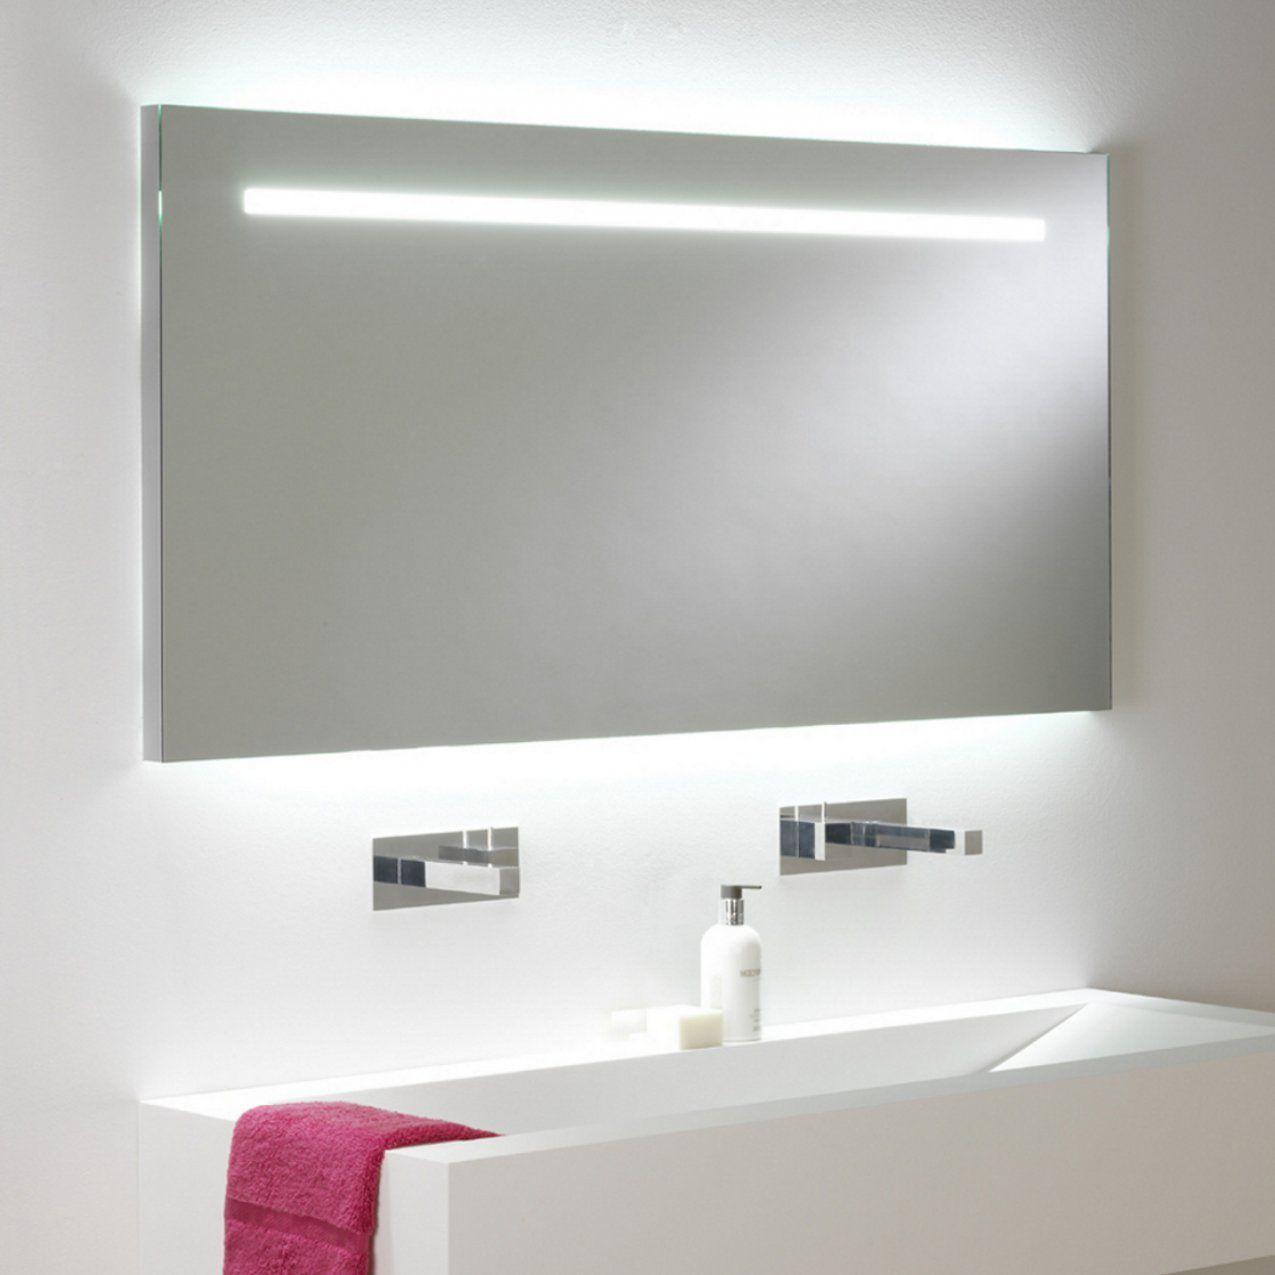 Großer Eindrucksvoller Badspiegel Mit Beleuchtung Und Zugschalter von Badspiegel Mit Beleuchtung Und Steckdose Bild